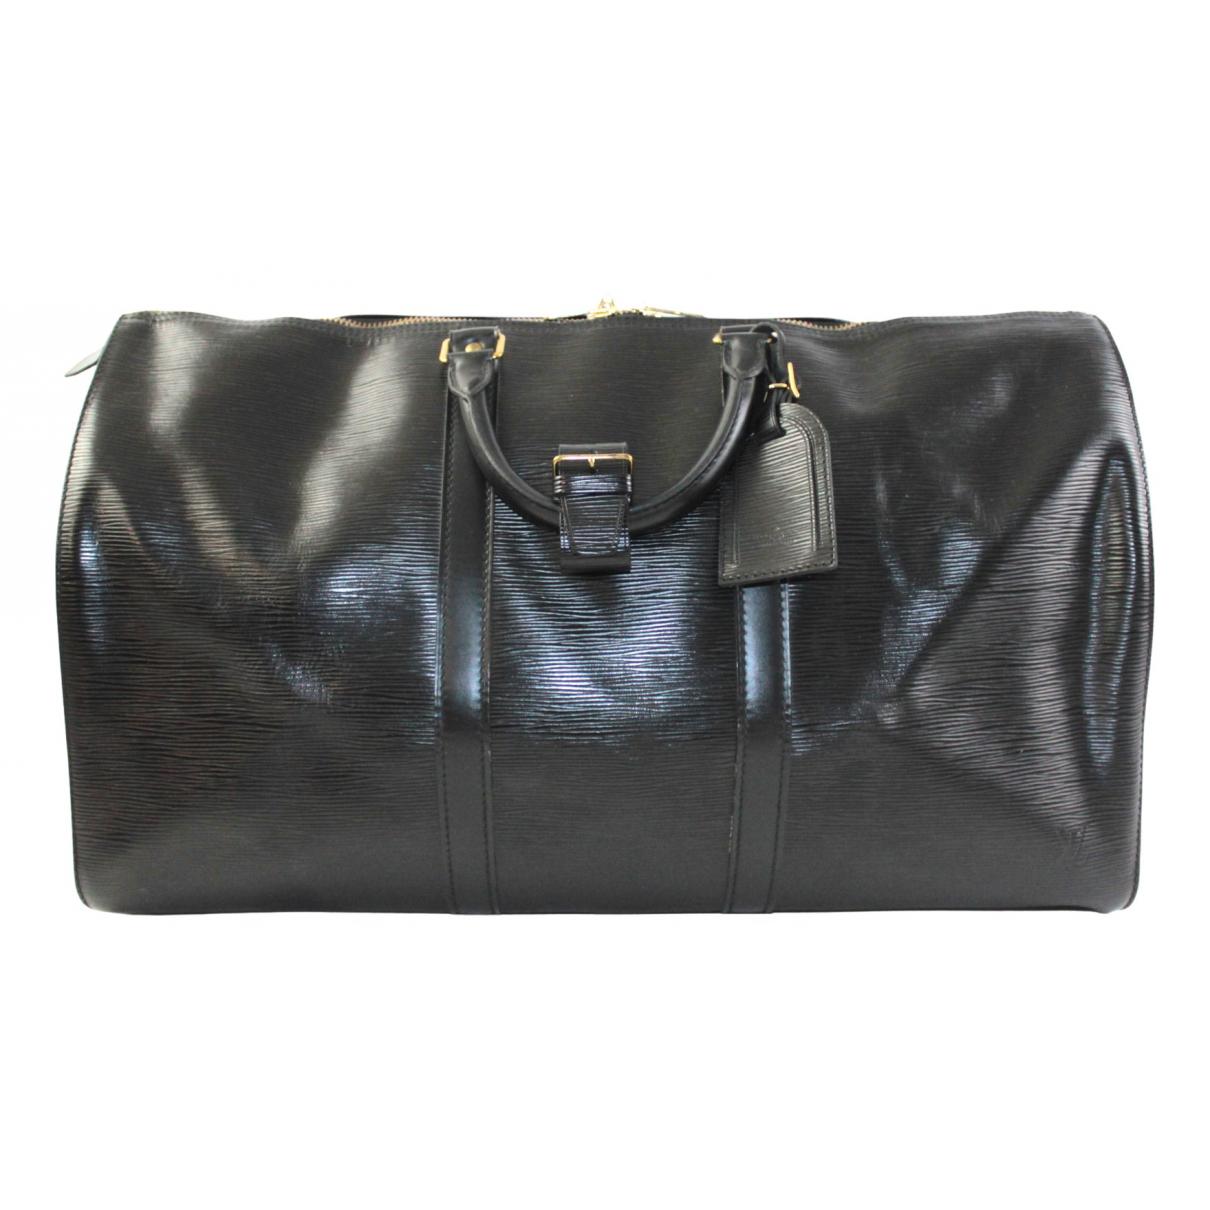 Louis Vuitton Keepall Reisetasche in  Schwarz Leder